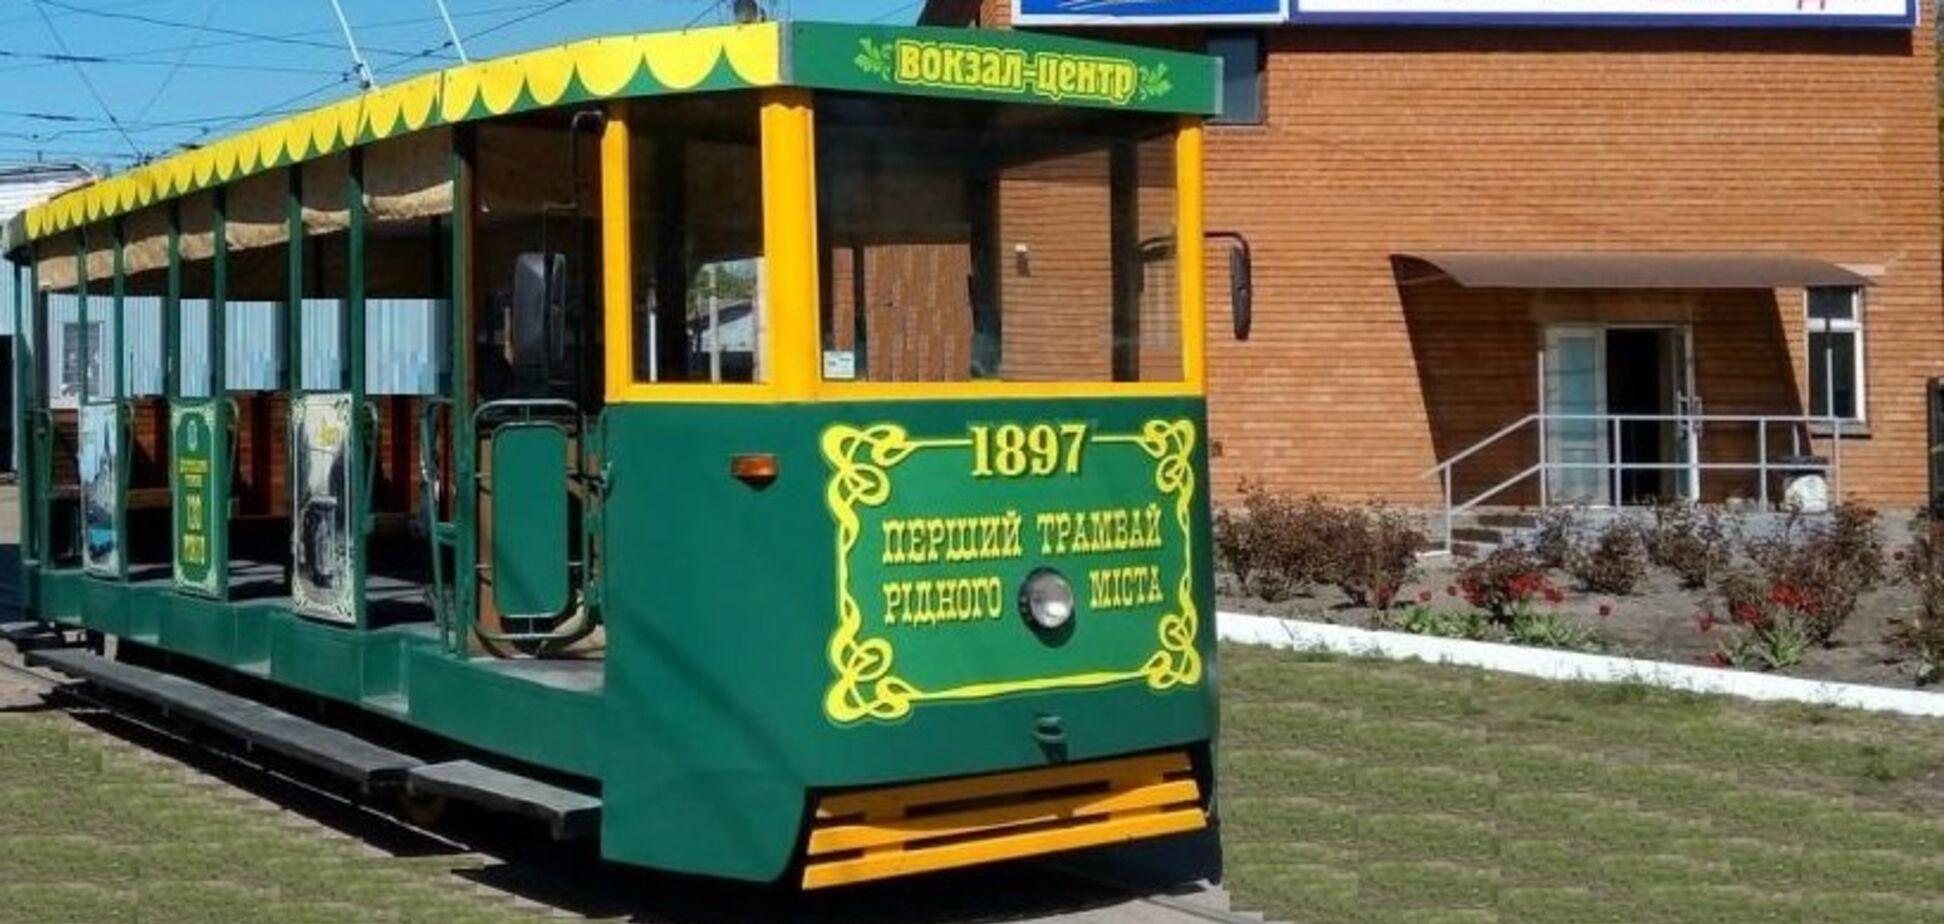 Ретро-трамвай в Днепре. Источник: 056.ua